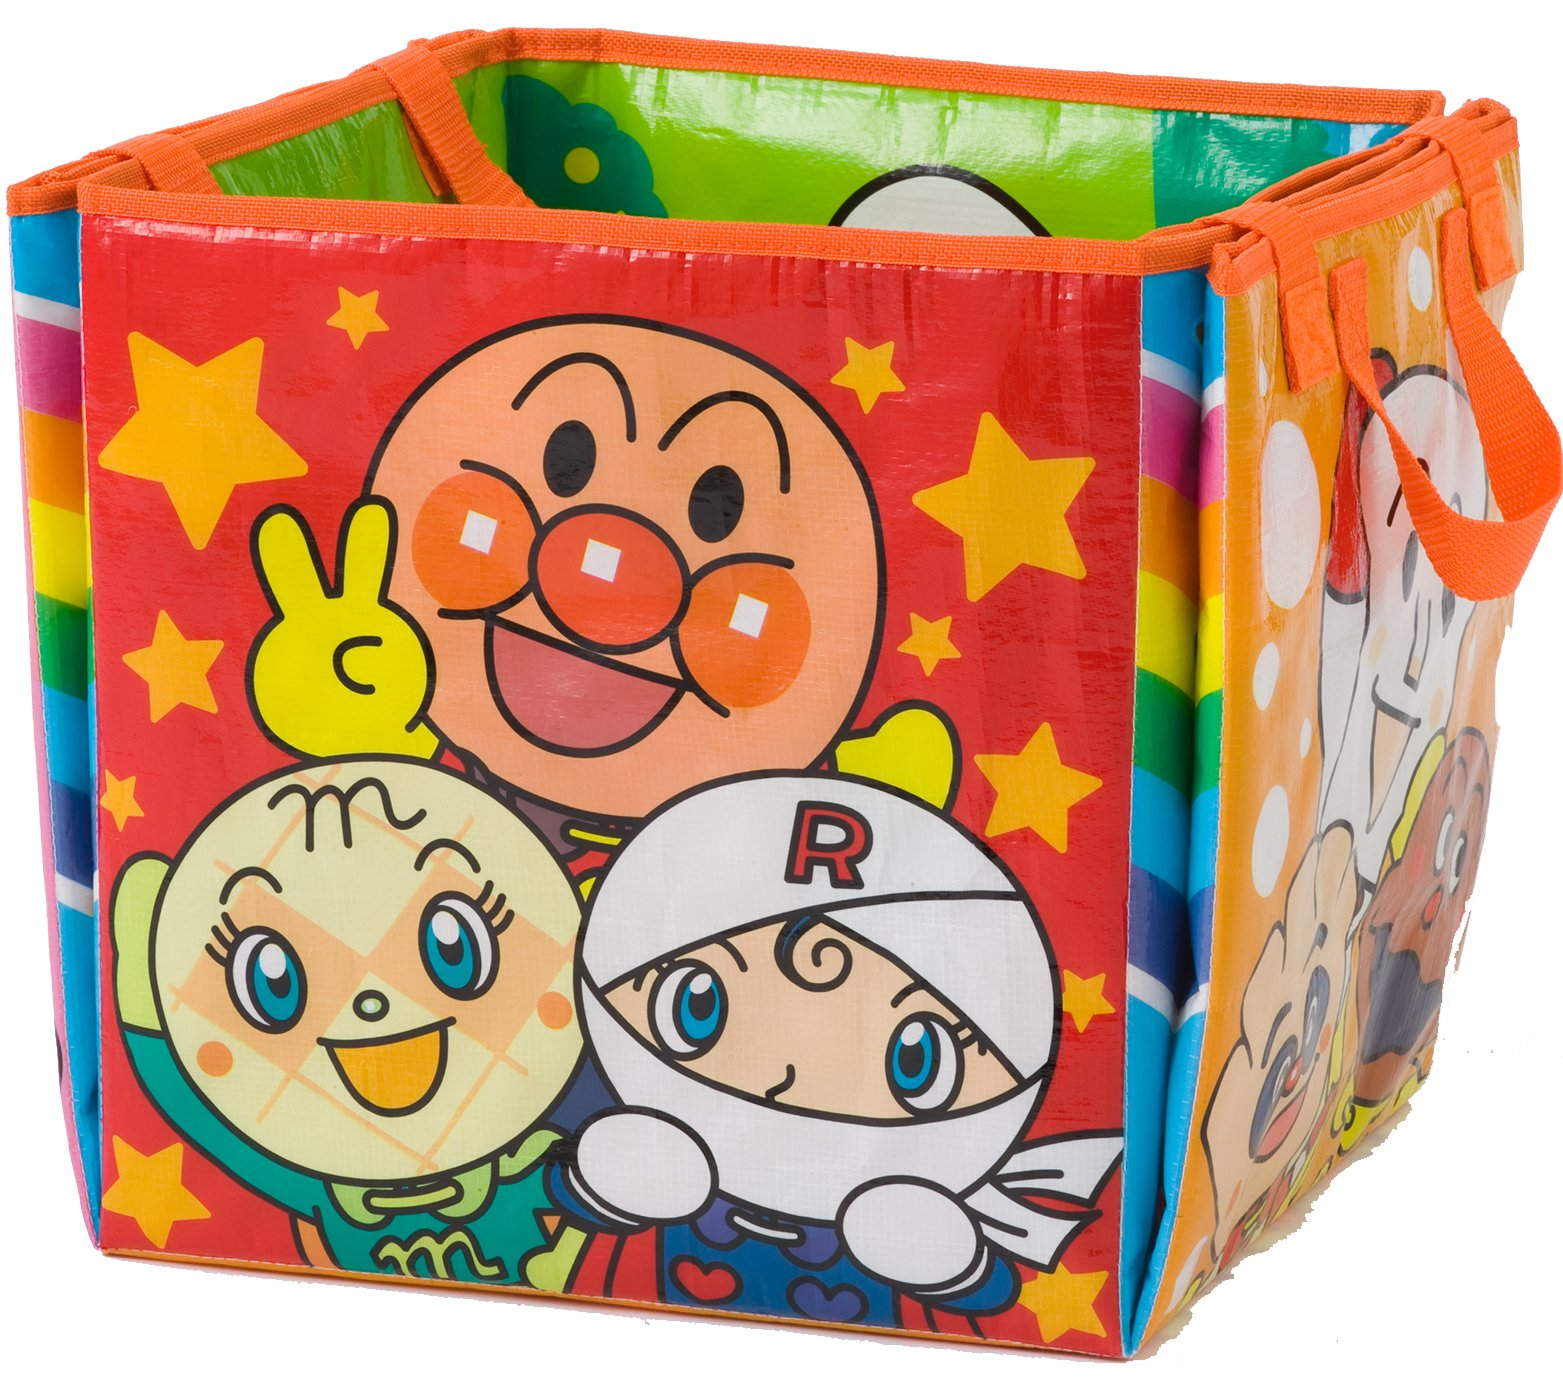 Anpanman Okataduke Box [Japan Import] by Agatsuma by Agatsuma (Image #1)